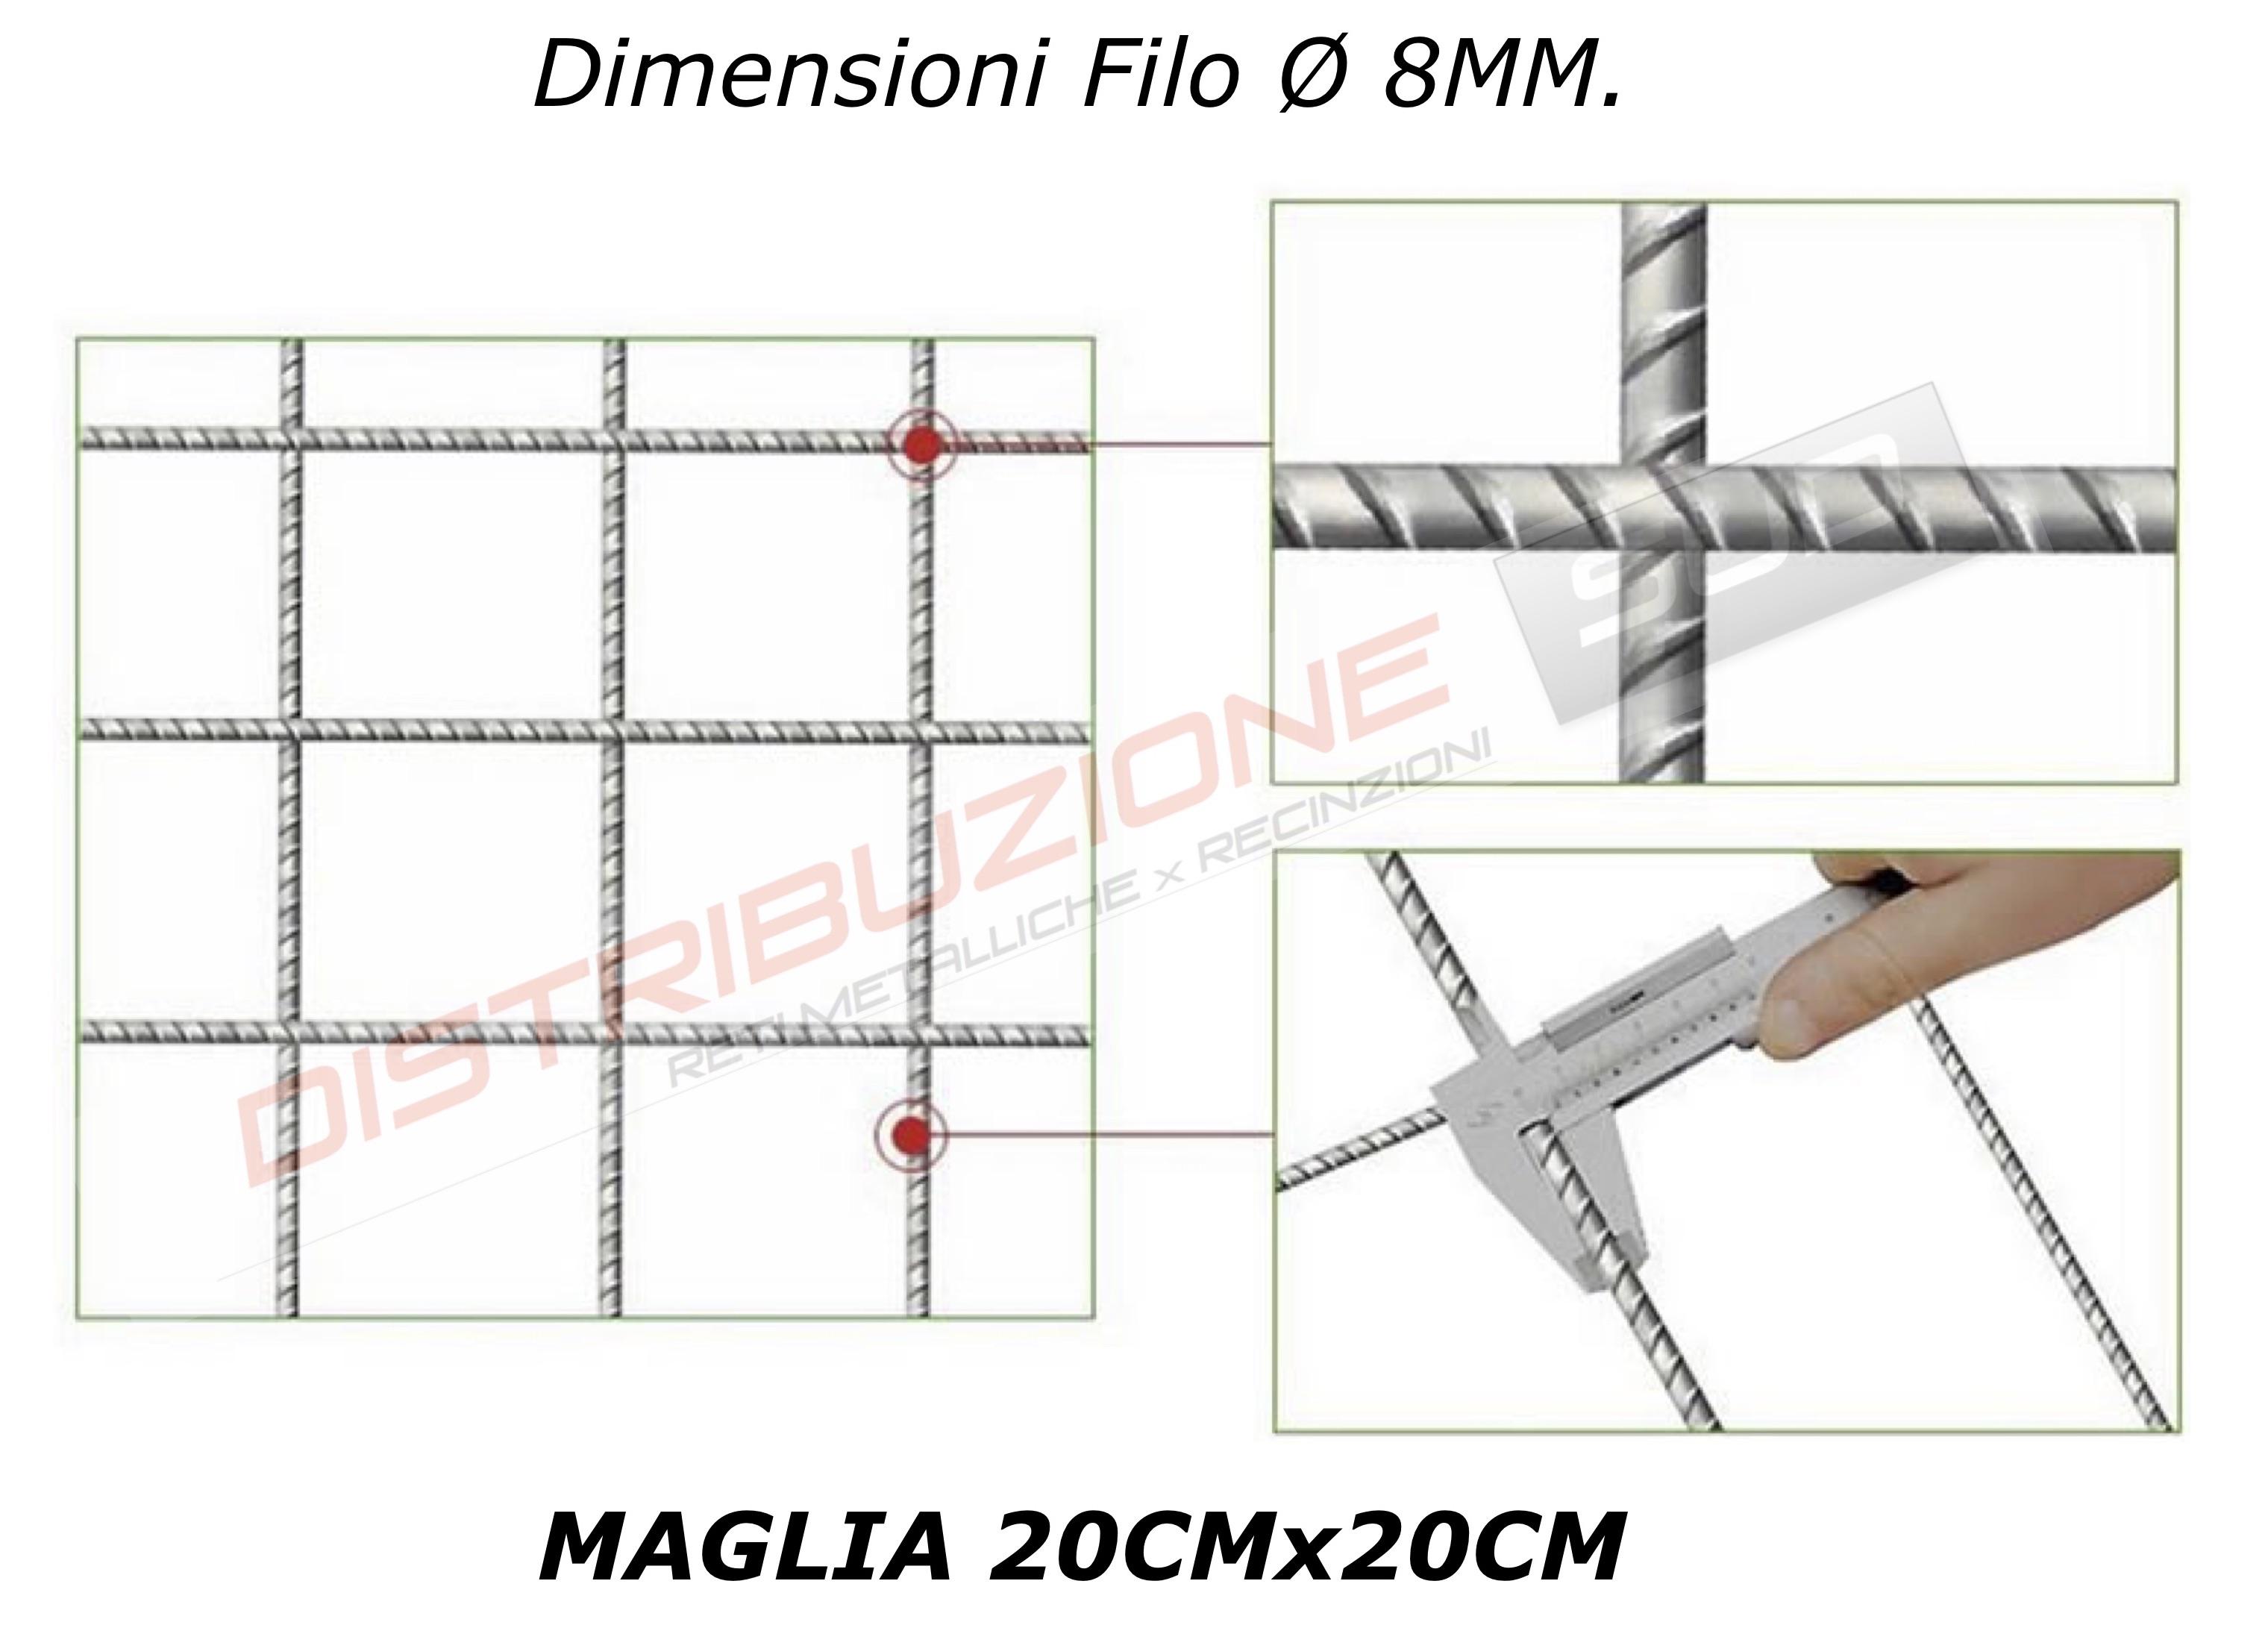 misura diametro filo